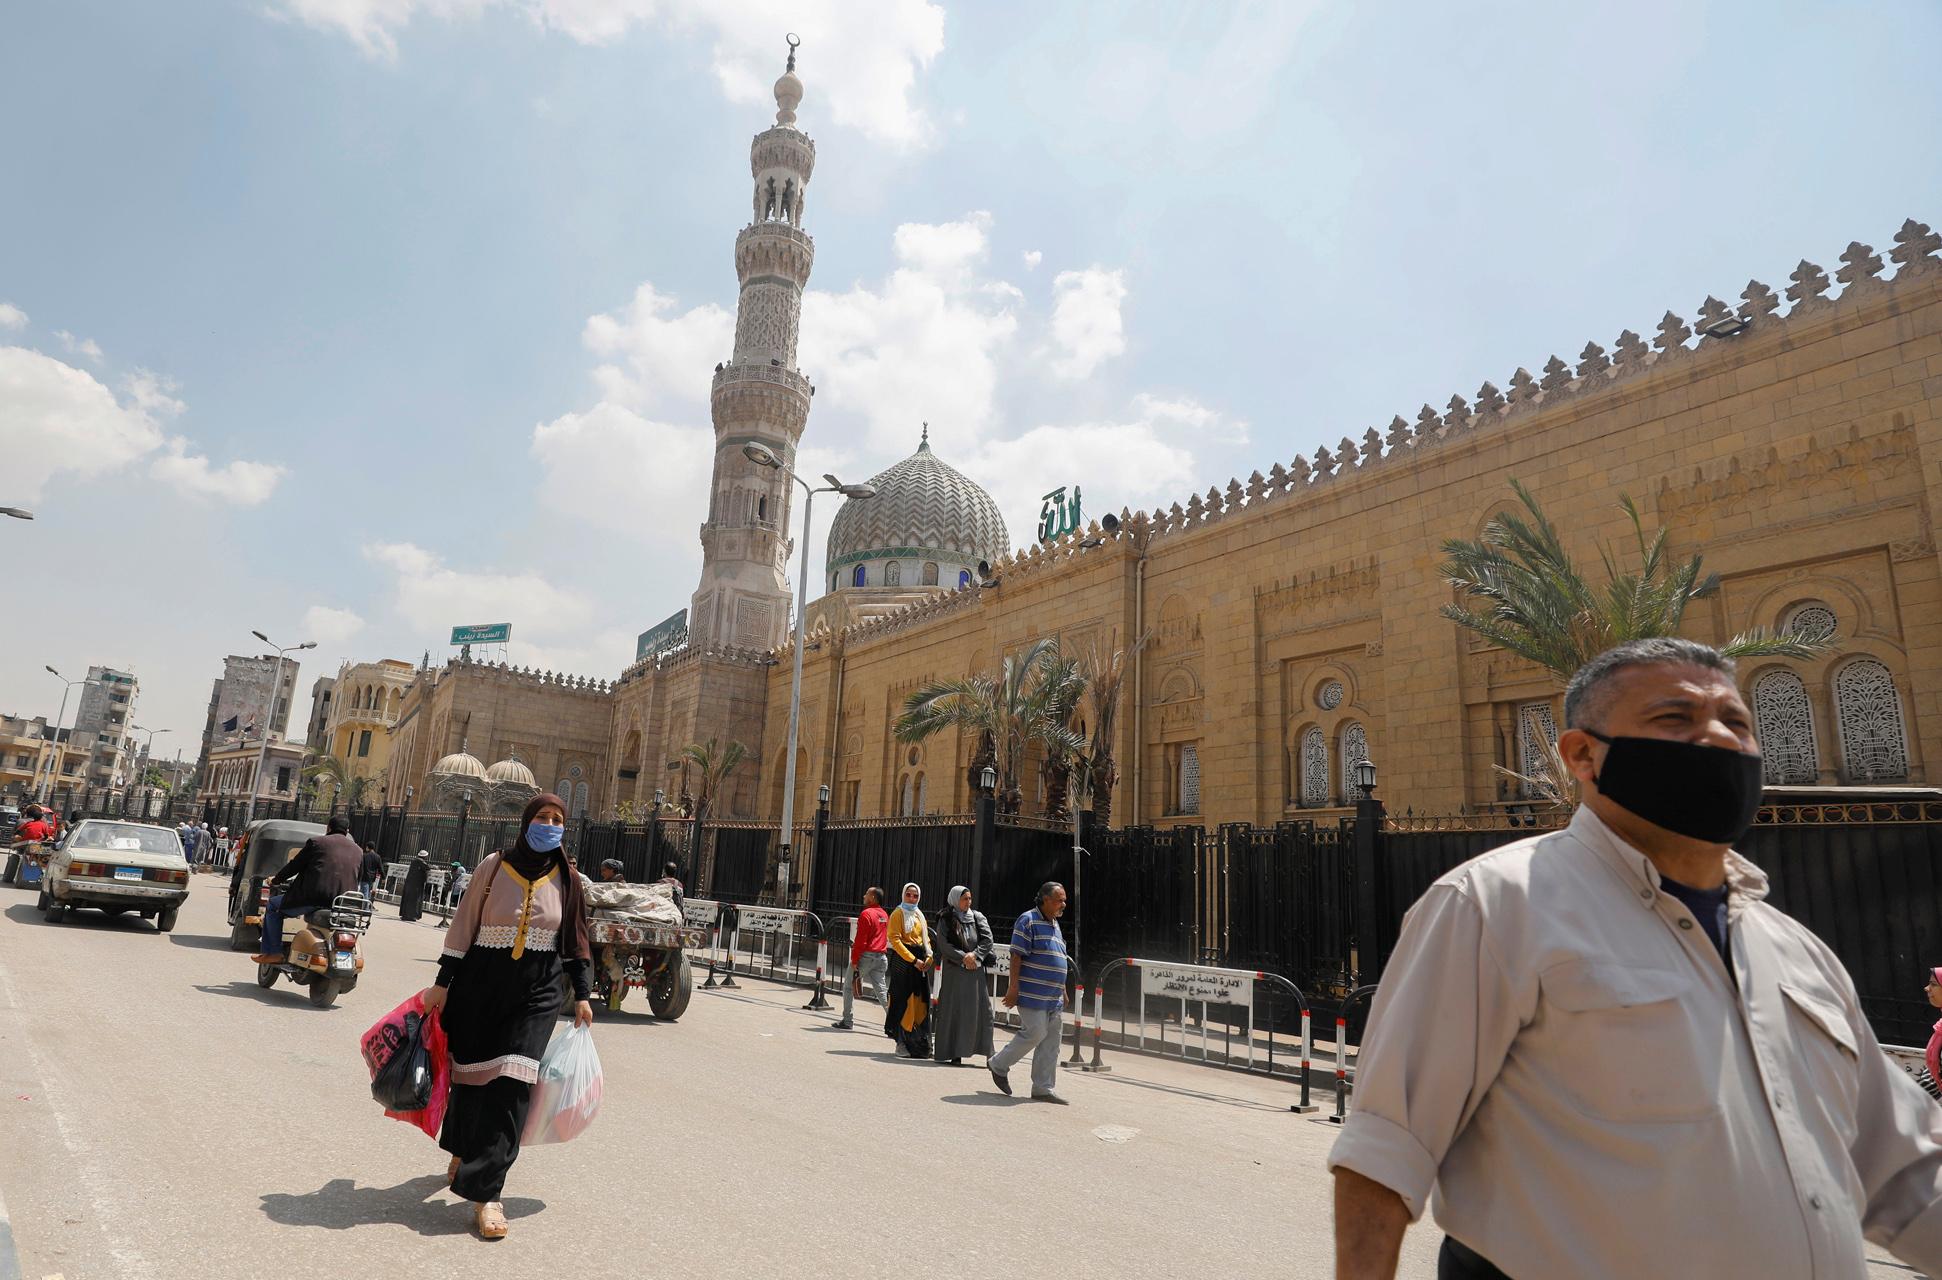 Αίγυπτος: Πέθανε ο πατέρας της πλουσιότερης οικογένειας της χώρας – Ένα δισ. δολάρια η περιουσία του